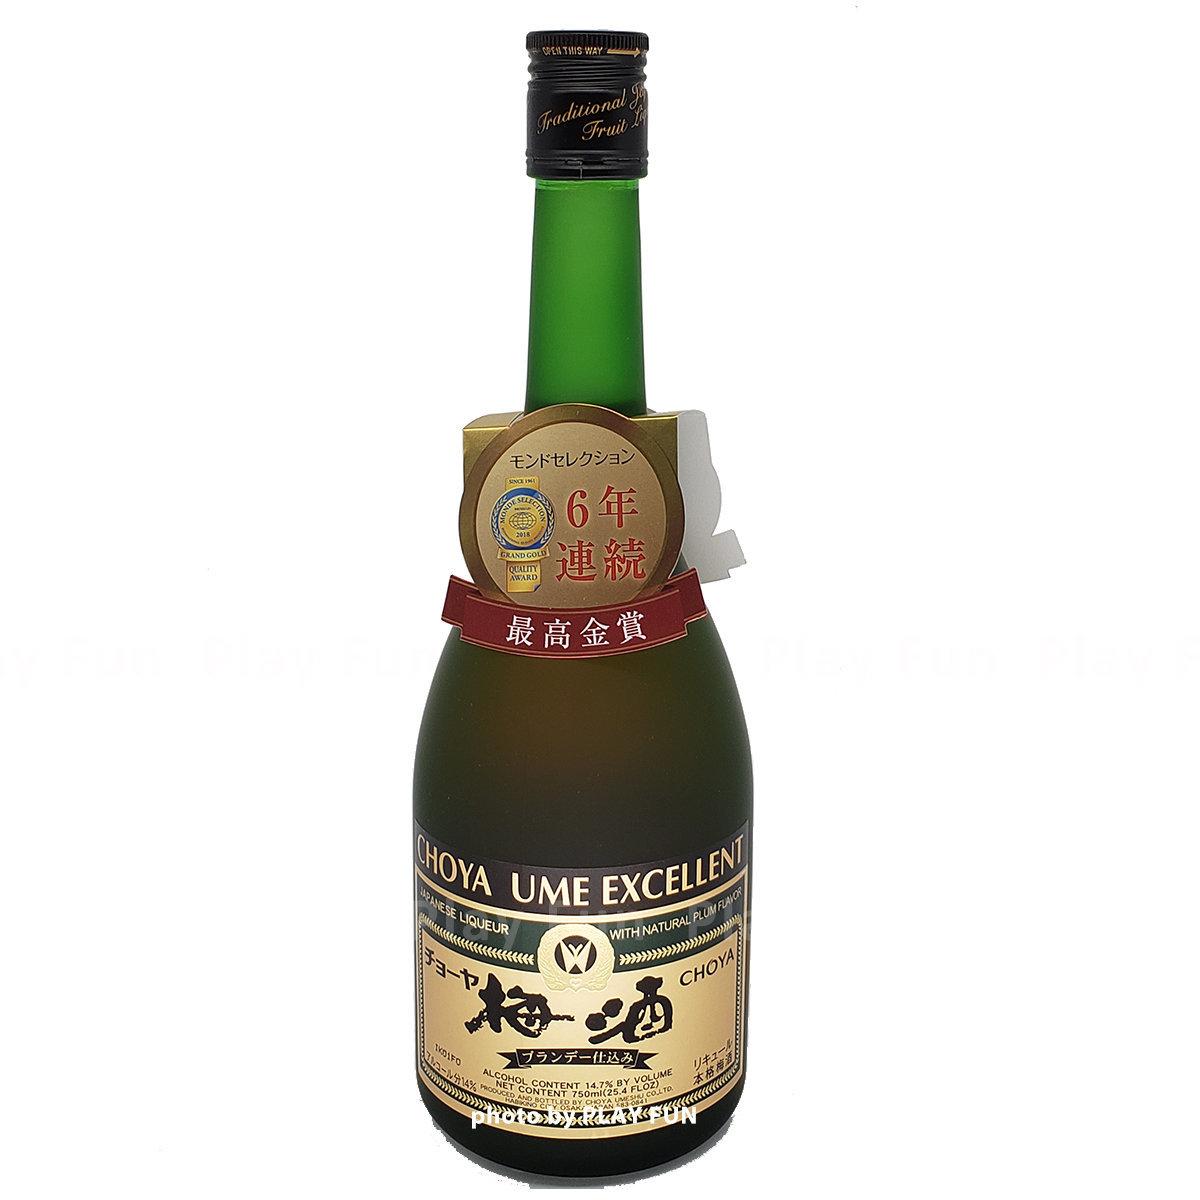 紀州産南高梅 UME Excellent Natural Plum Flavor Wine 750ml  (4905846111568)